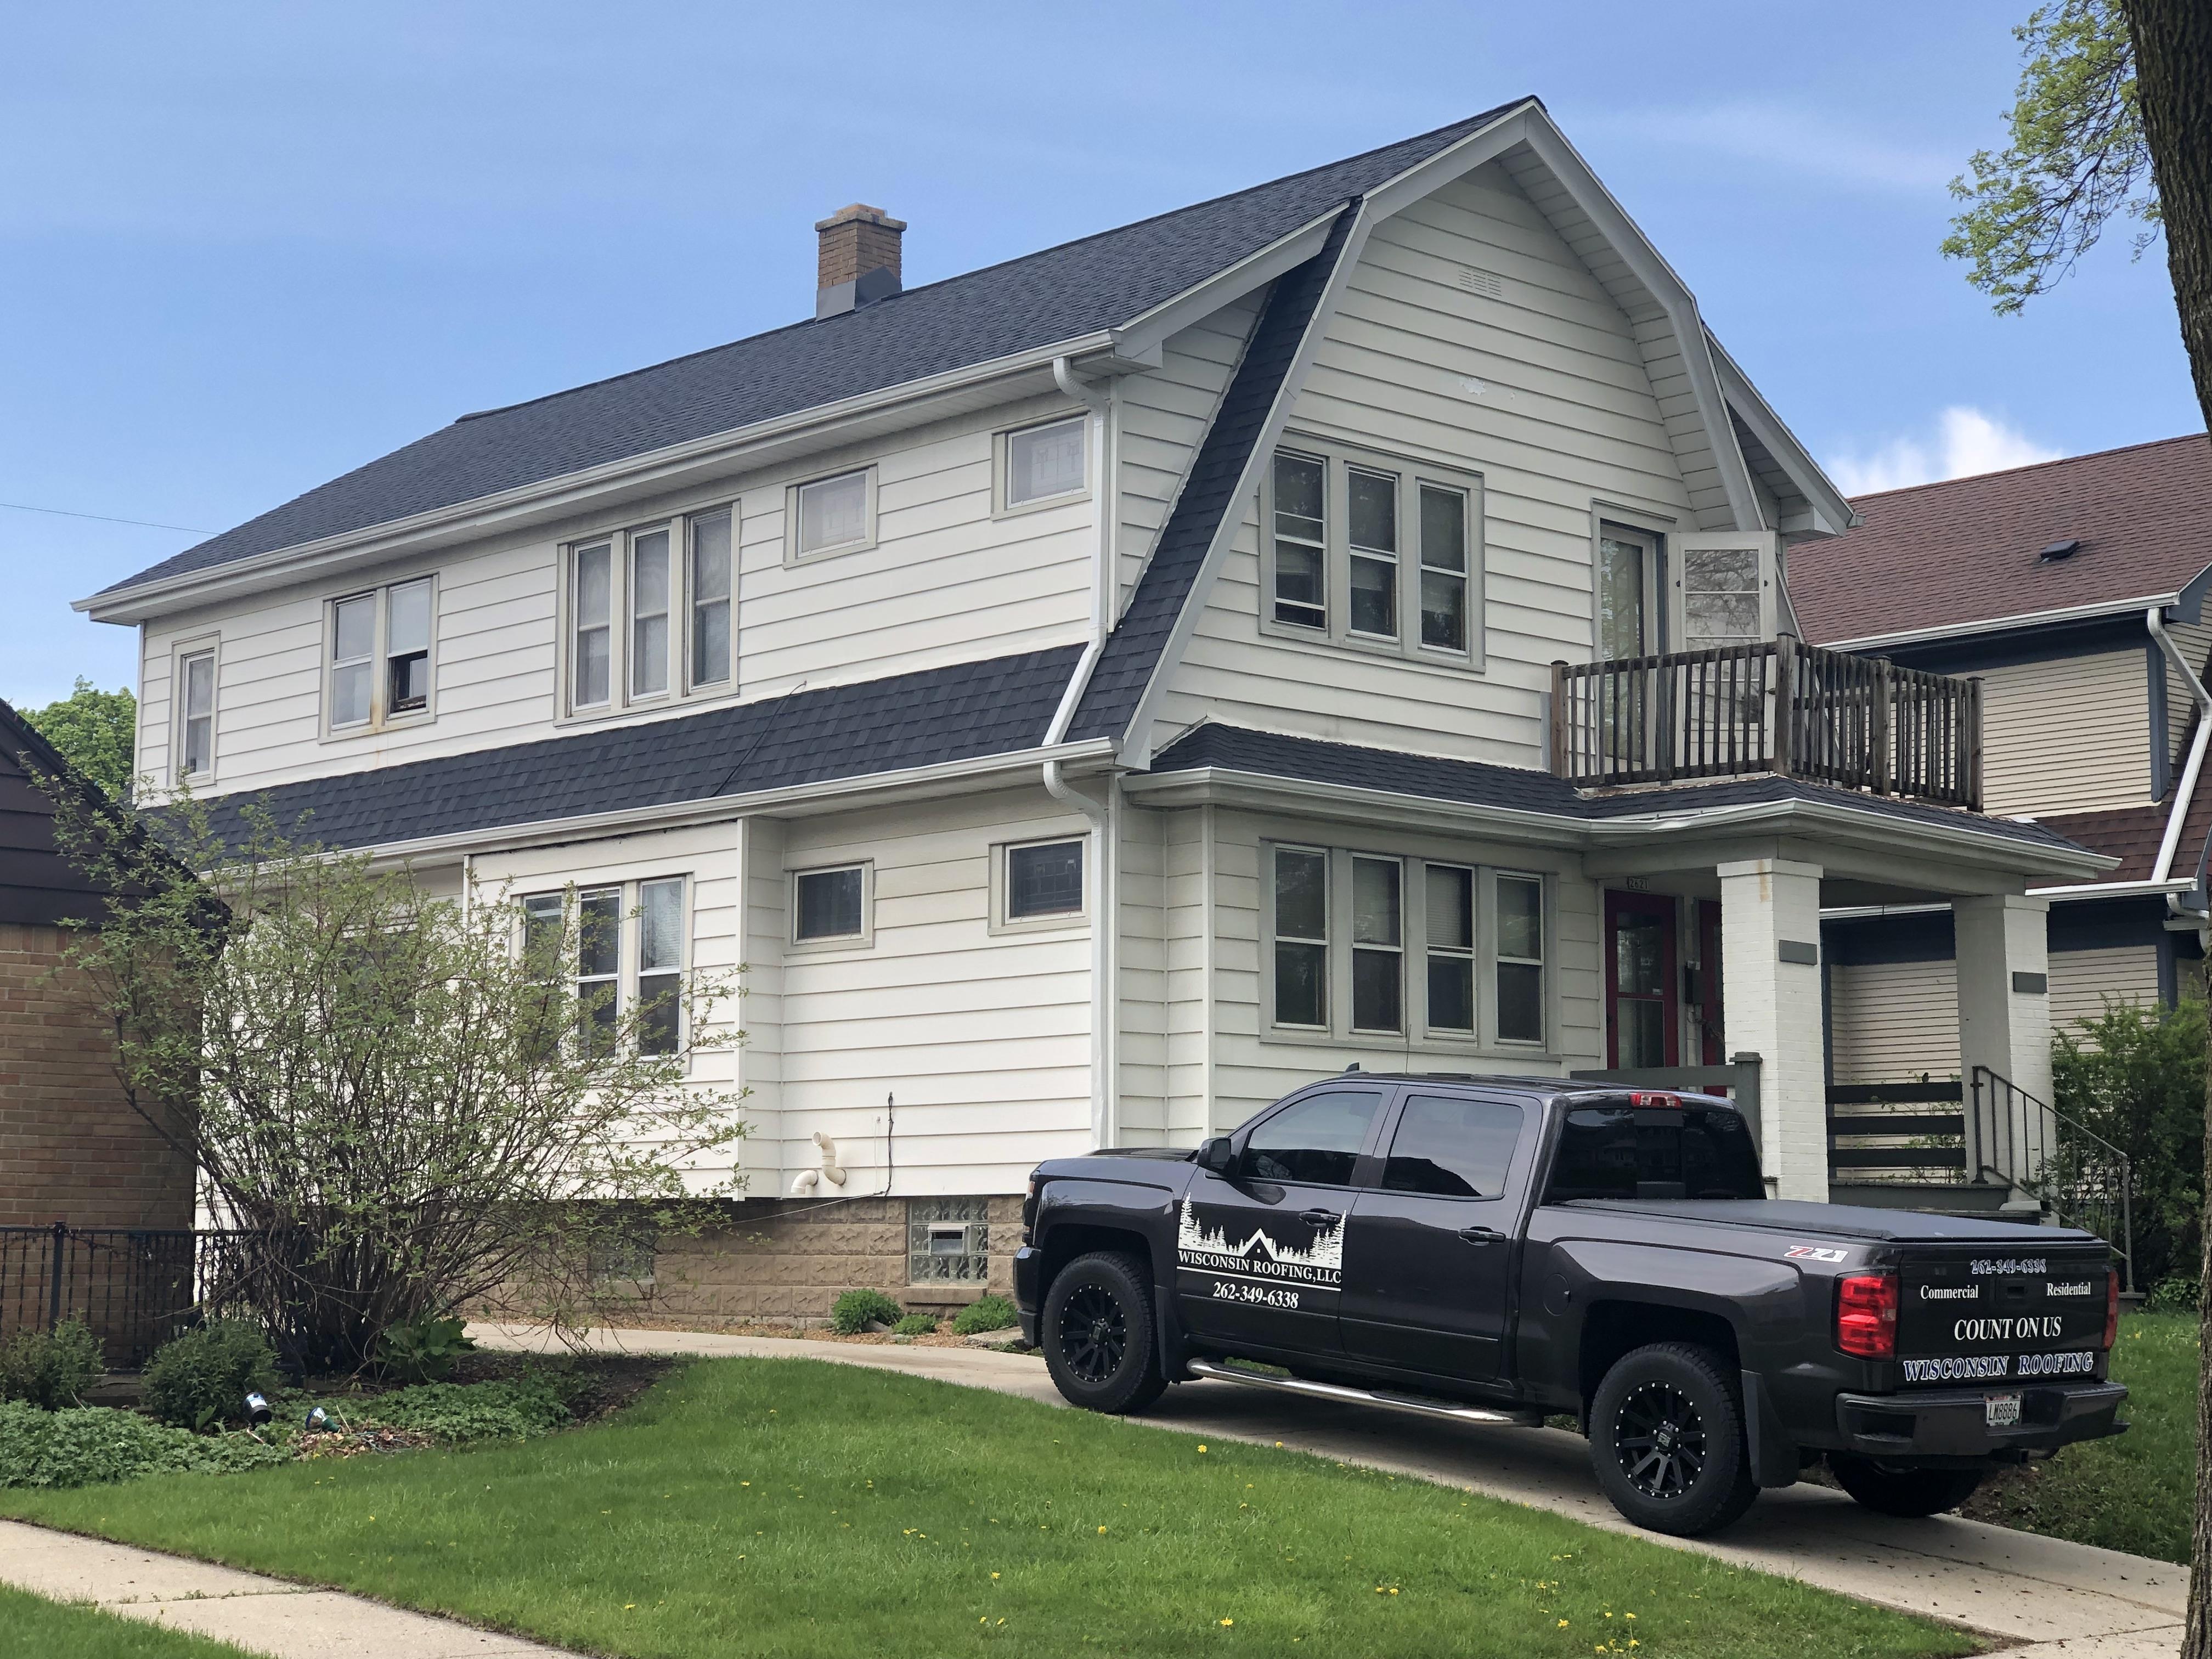 Wisconsin Roofing LLC | West Allis | Sub Deck | Repaired Leaks | Rental Properties